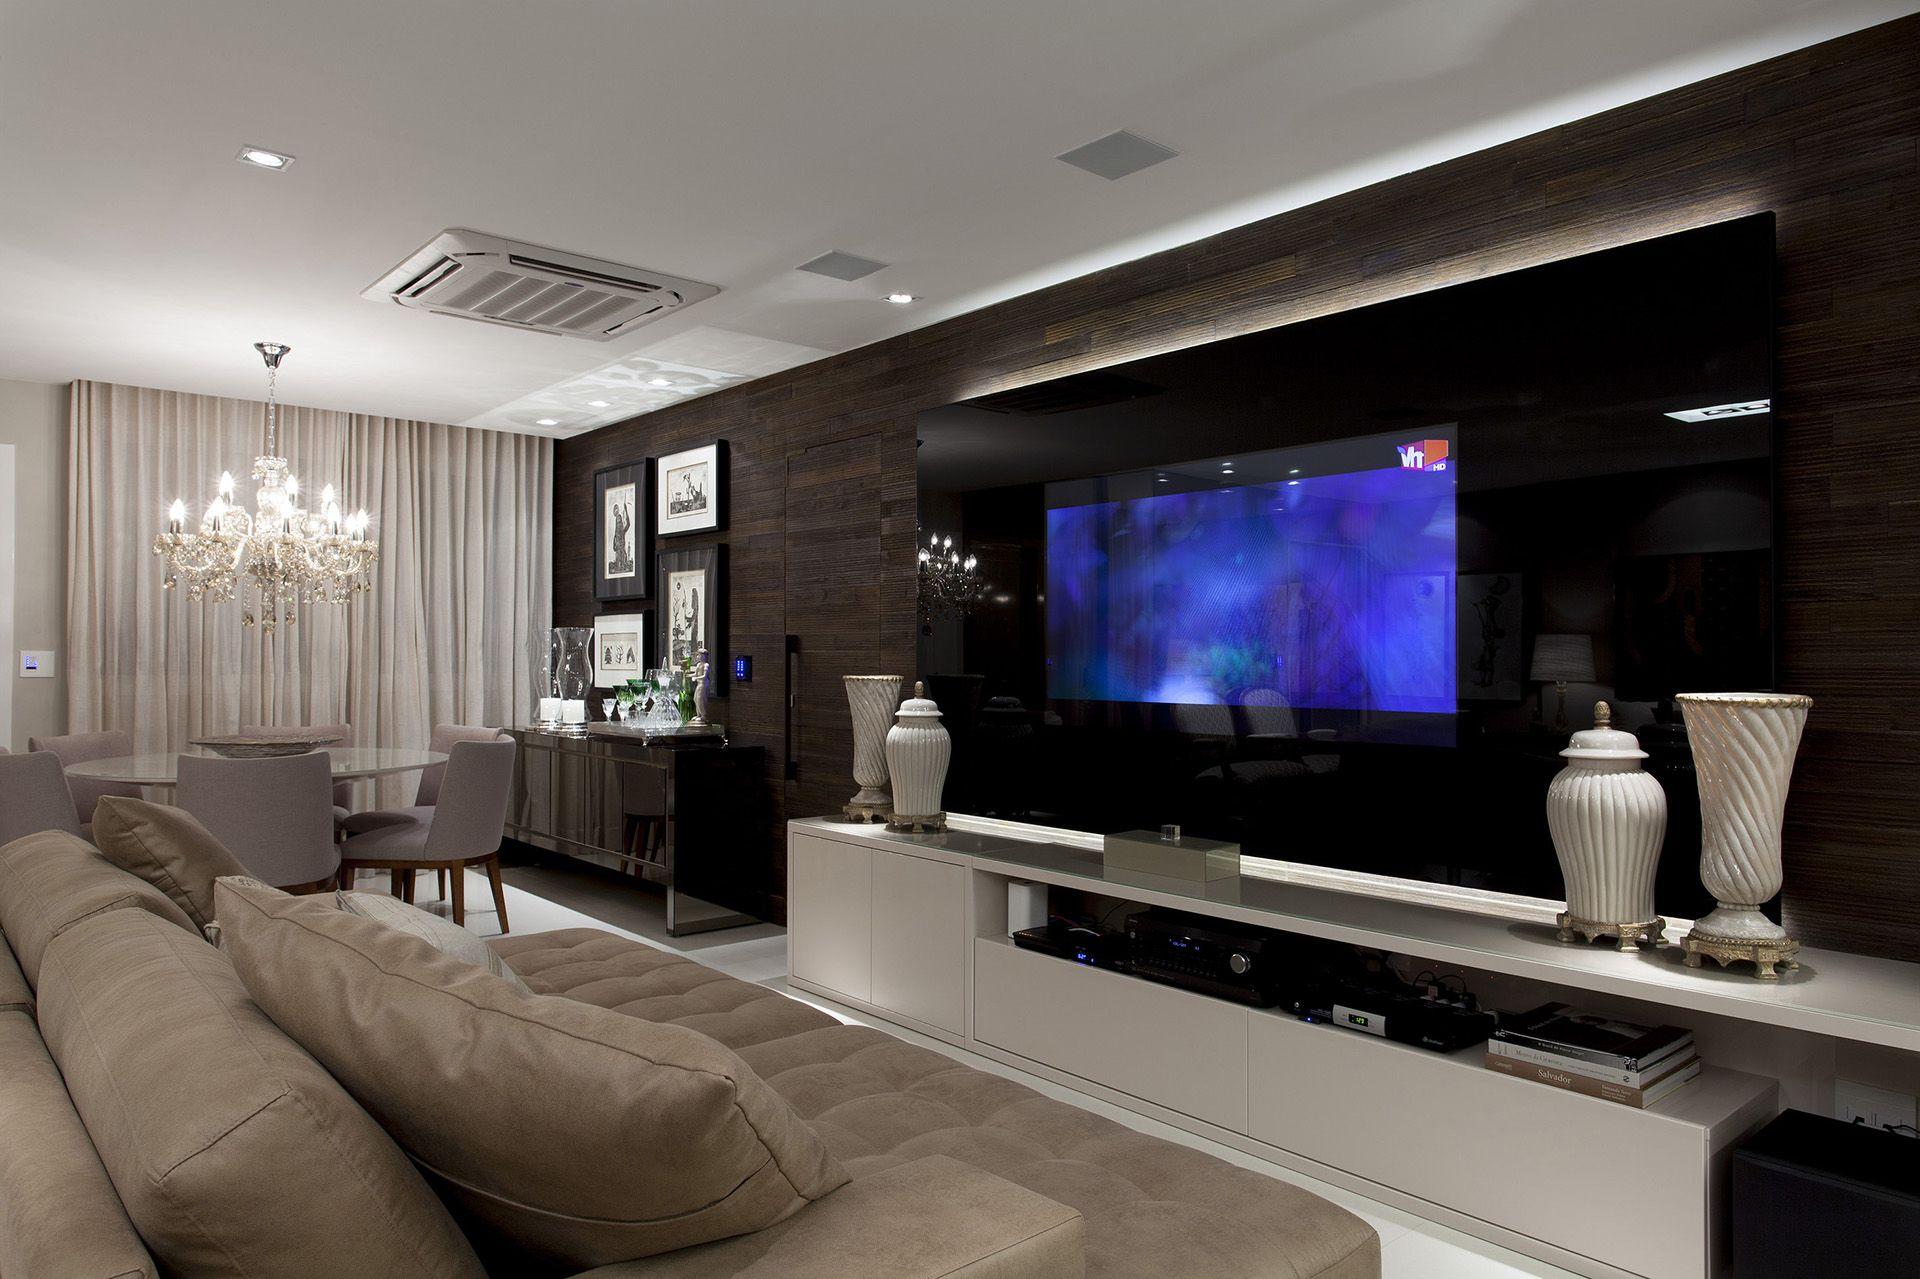 Salas De Estar Jantar E Tv Integradas E Decoradas De Preto Branco  -> Salas Decoradas Modernas Fotos